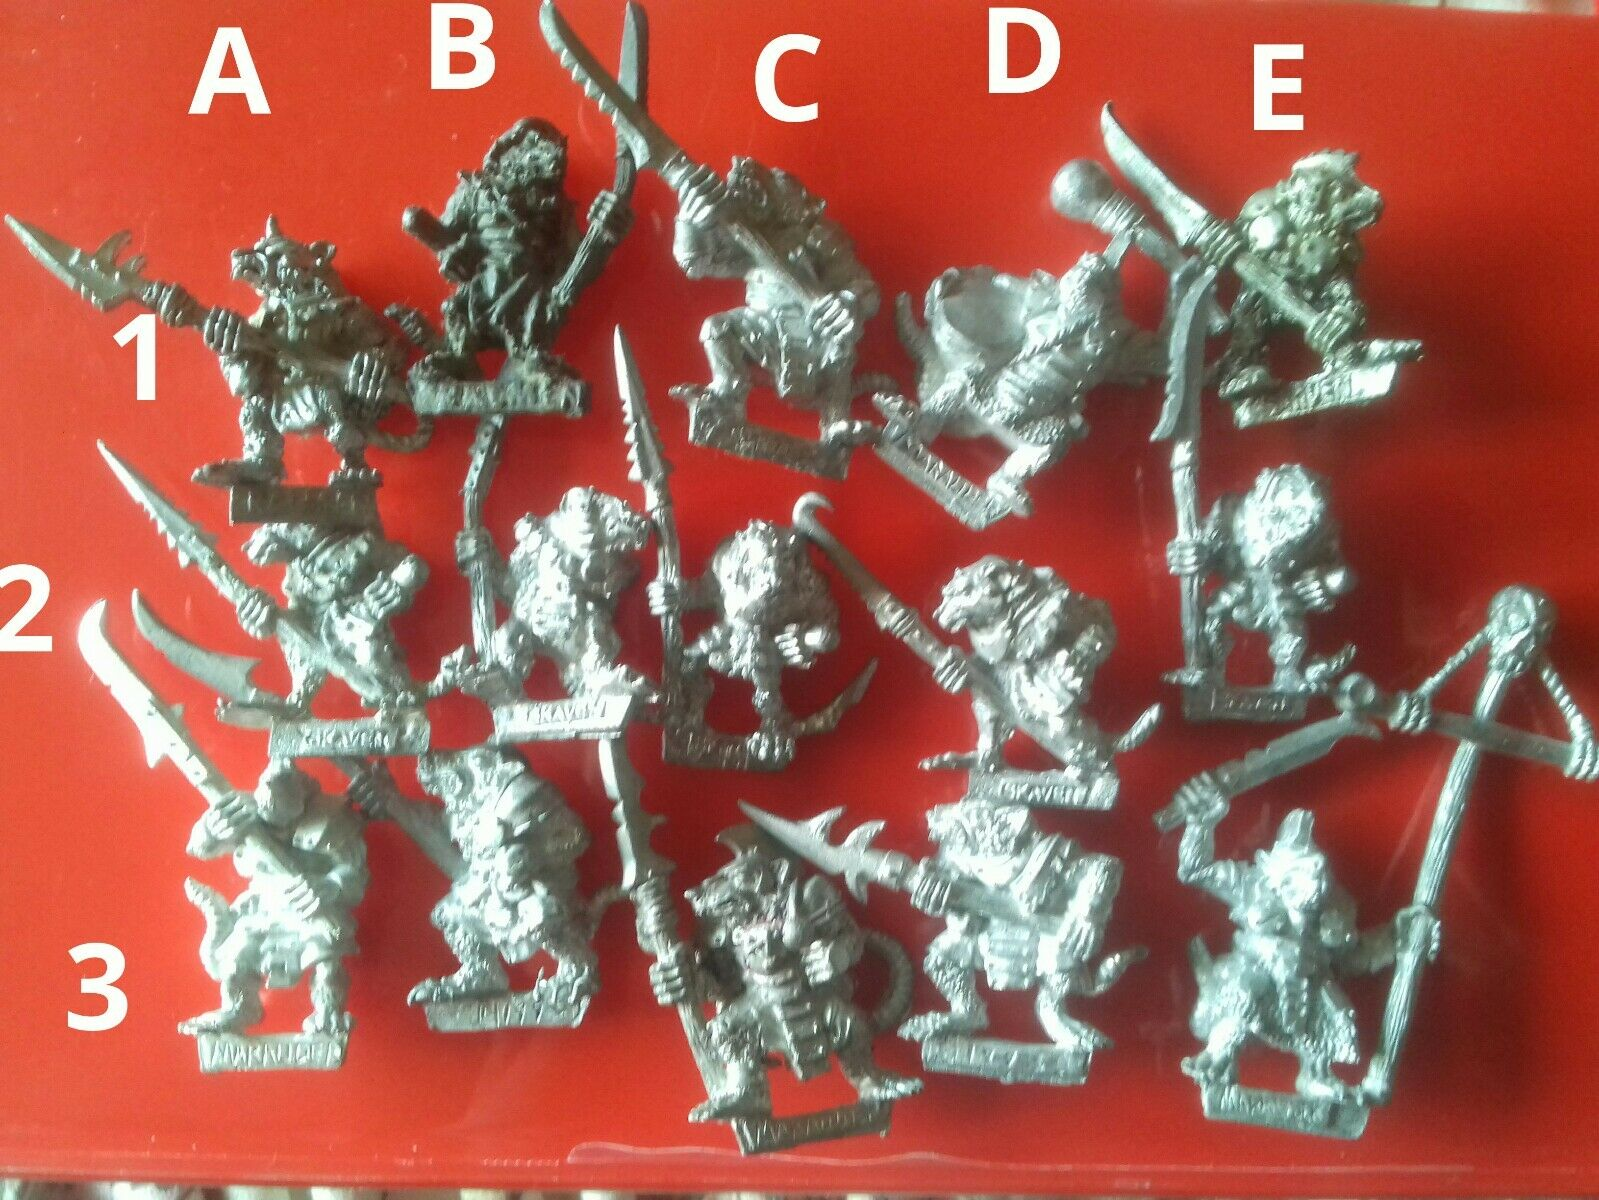 15x Stormvermin Skaven Chaos ratmen marauder & citadel gw command and clanrats